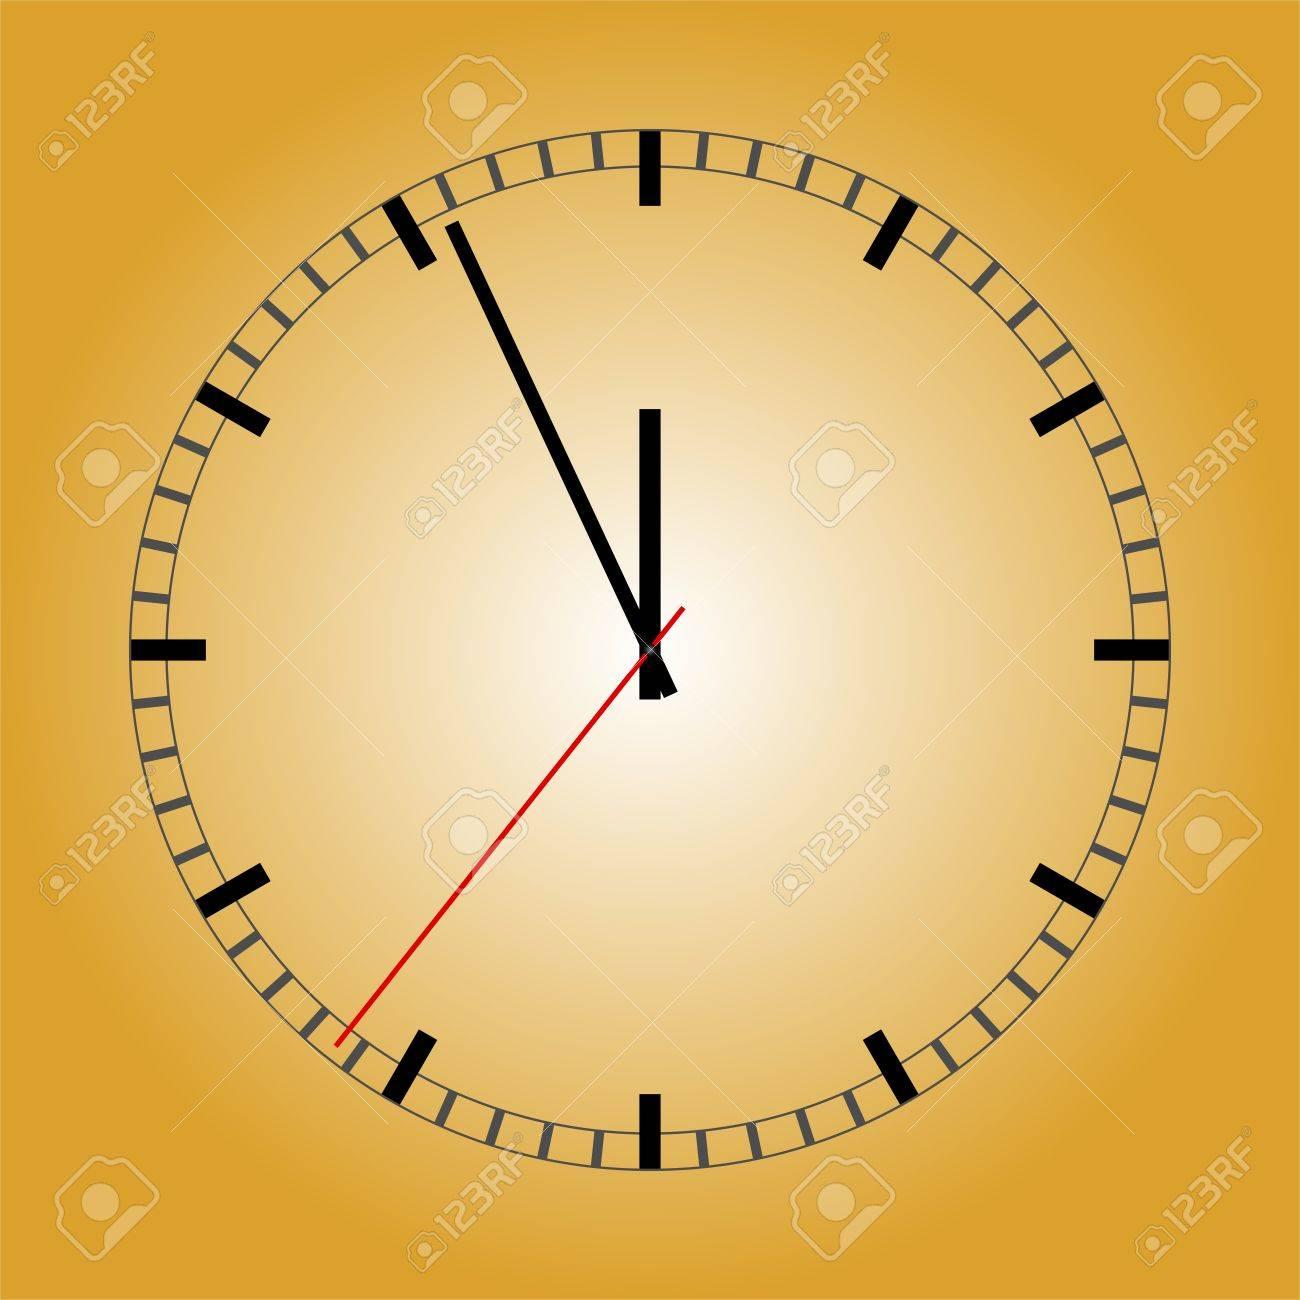 d35e5291802b Reloj De Pared De Oro Con Una Esfera De Color Negro Y Un Rectángulo Negro  De Los Círculos De Color Negro Con Las Manos Negras Y Un Segundero Rojo  Sobre Un ...